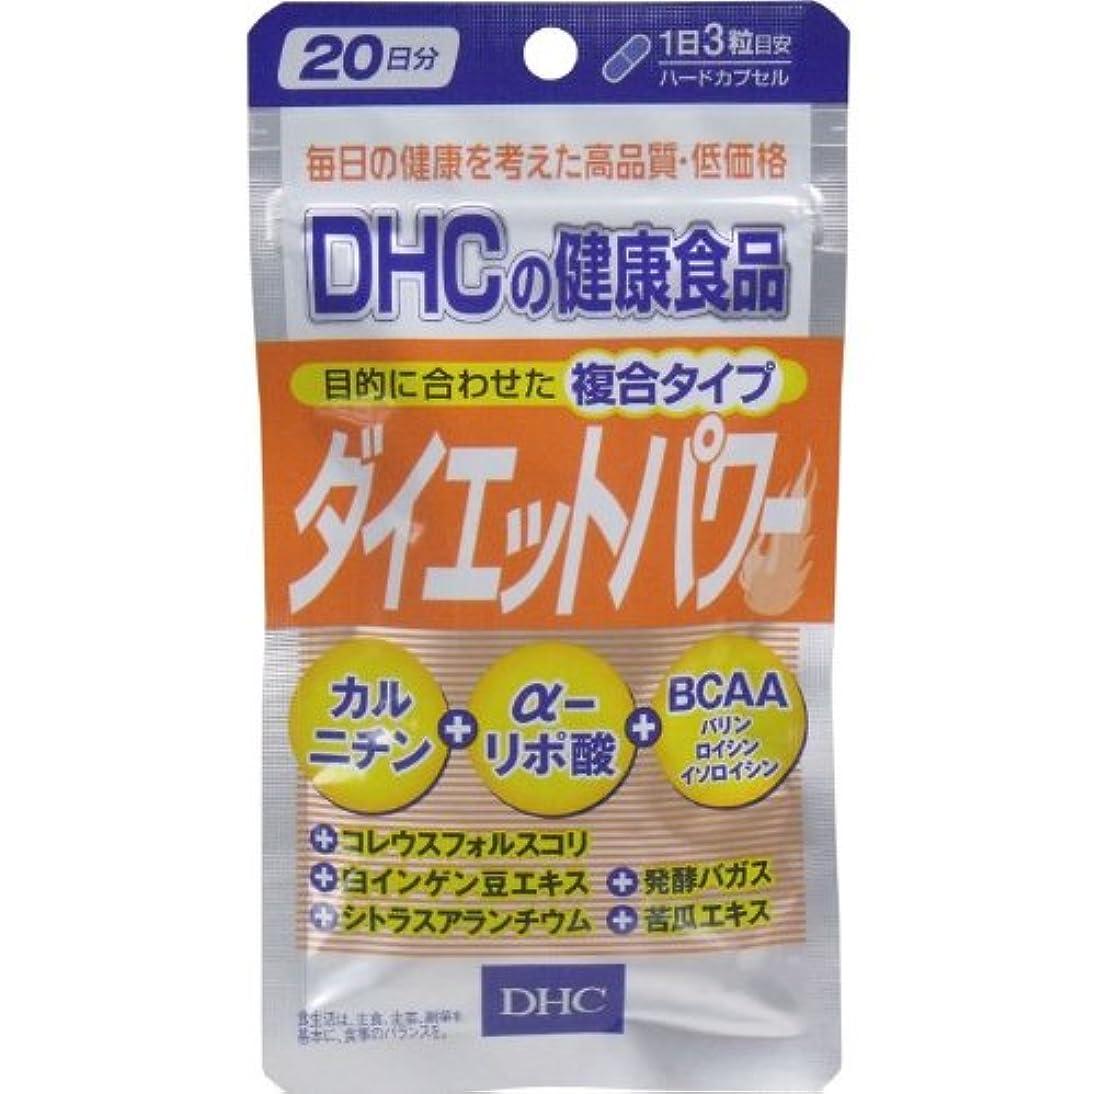 退屈な複雑でないぼかしDHC ダイエットパワー 60粒入 20日分【3個セット】